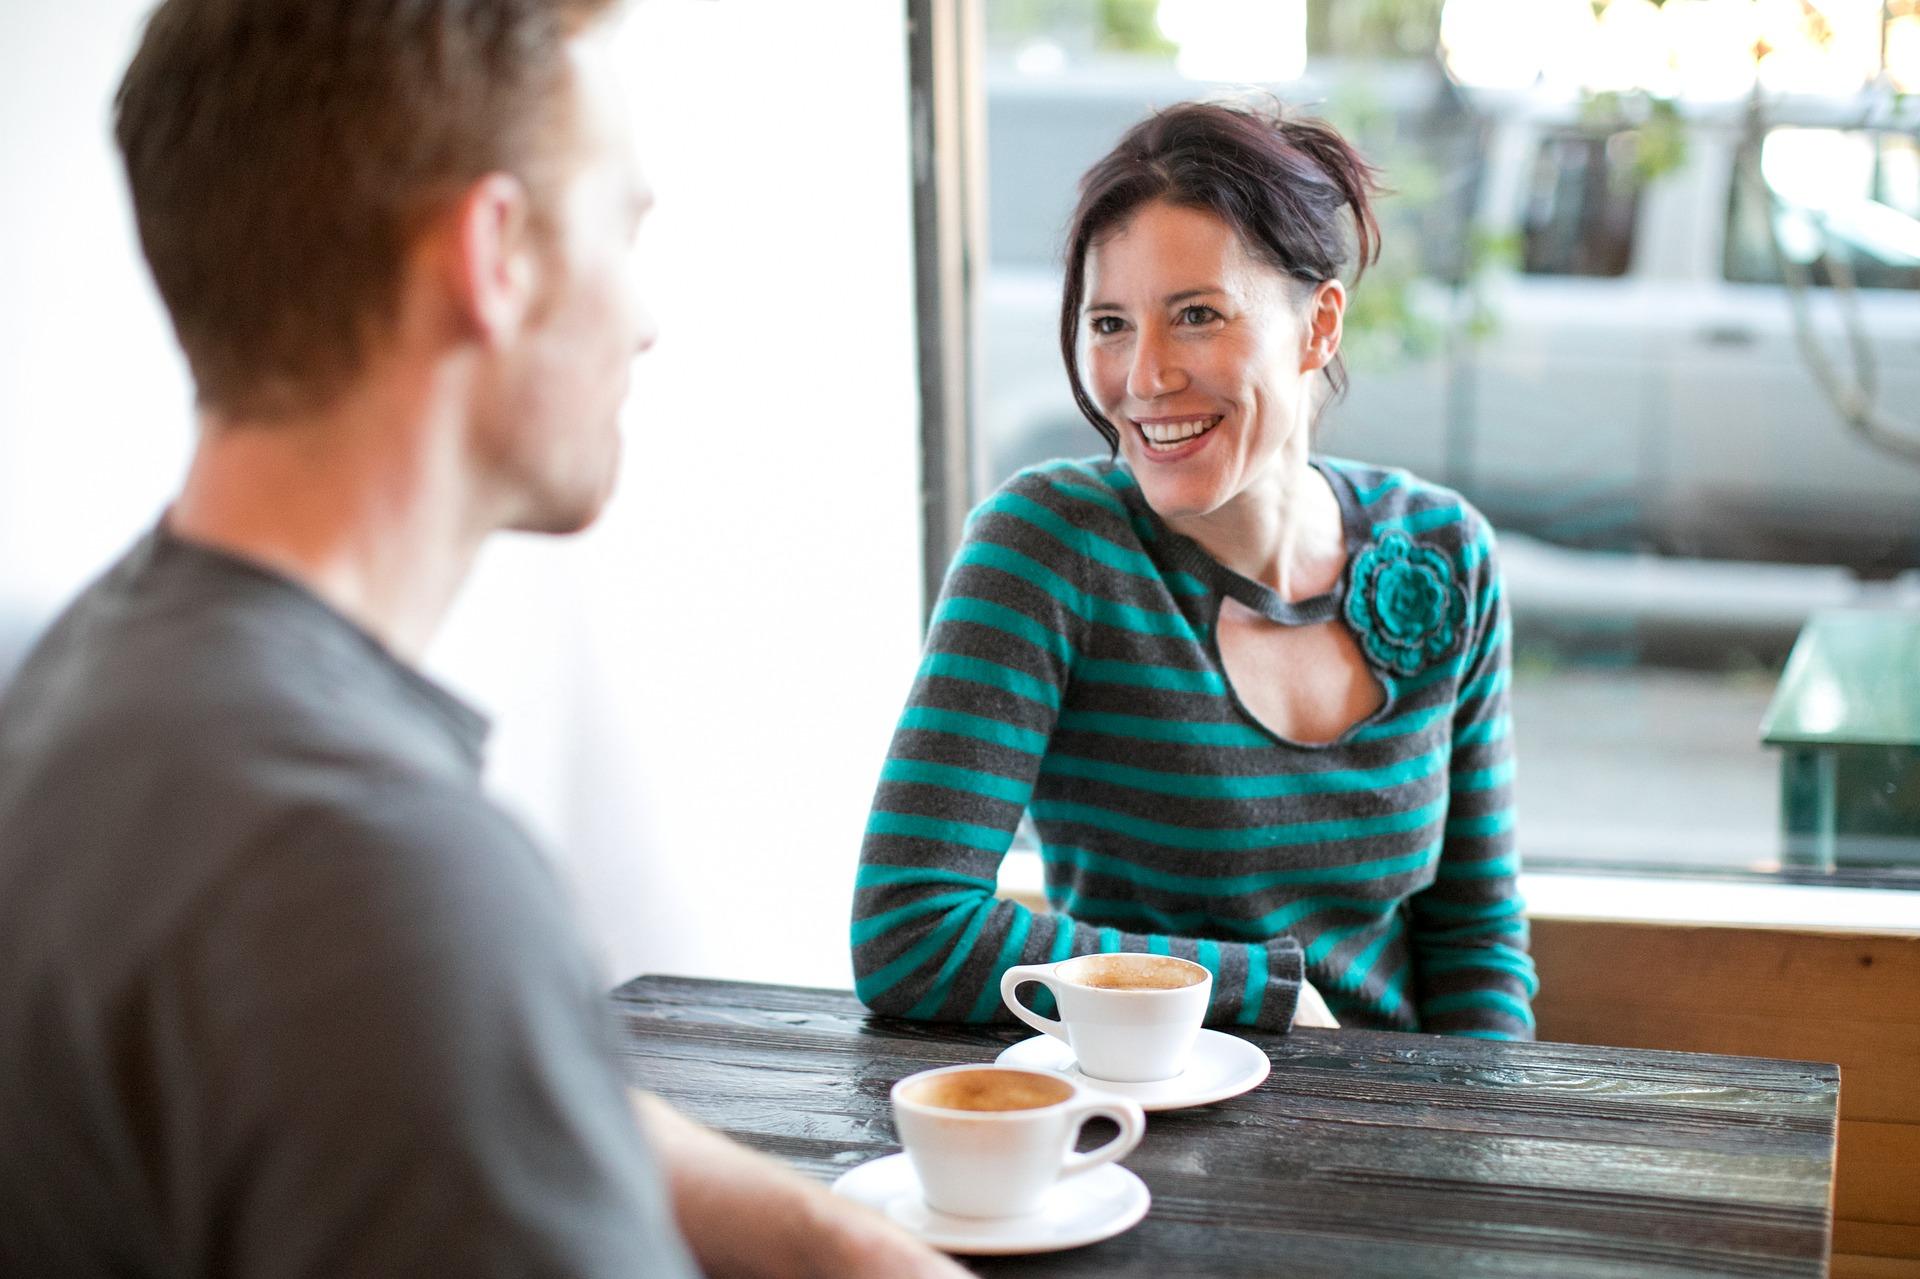 Hogyan viselkedjek és miről beszélgessünk az első randin?